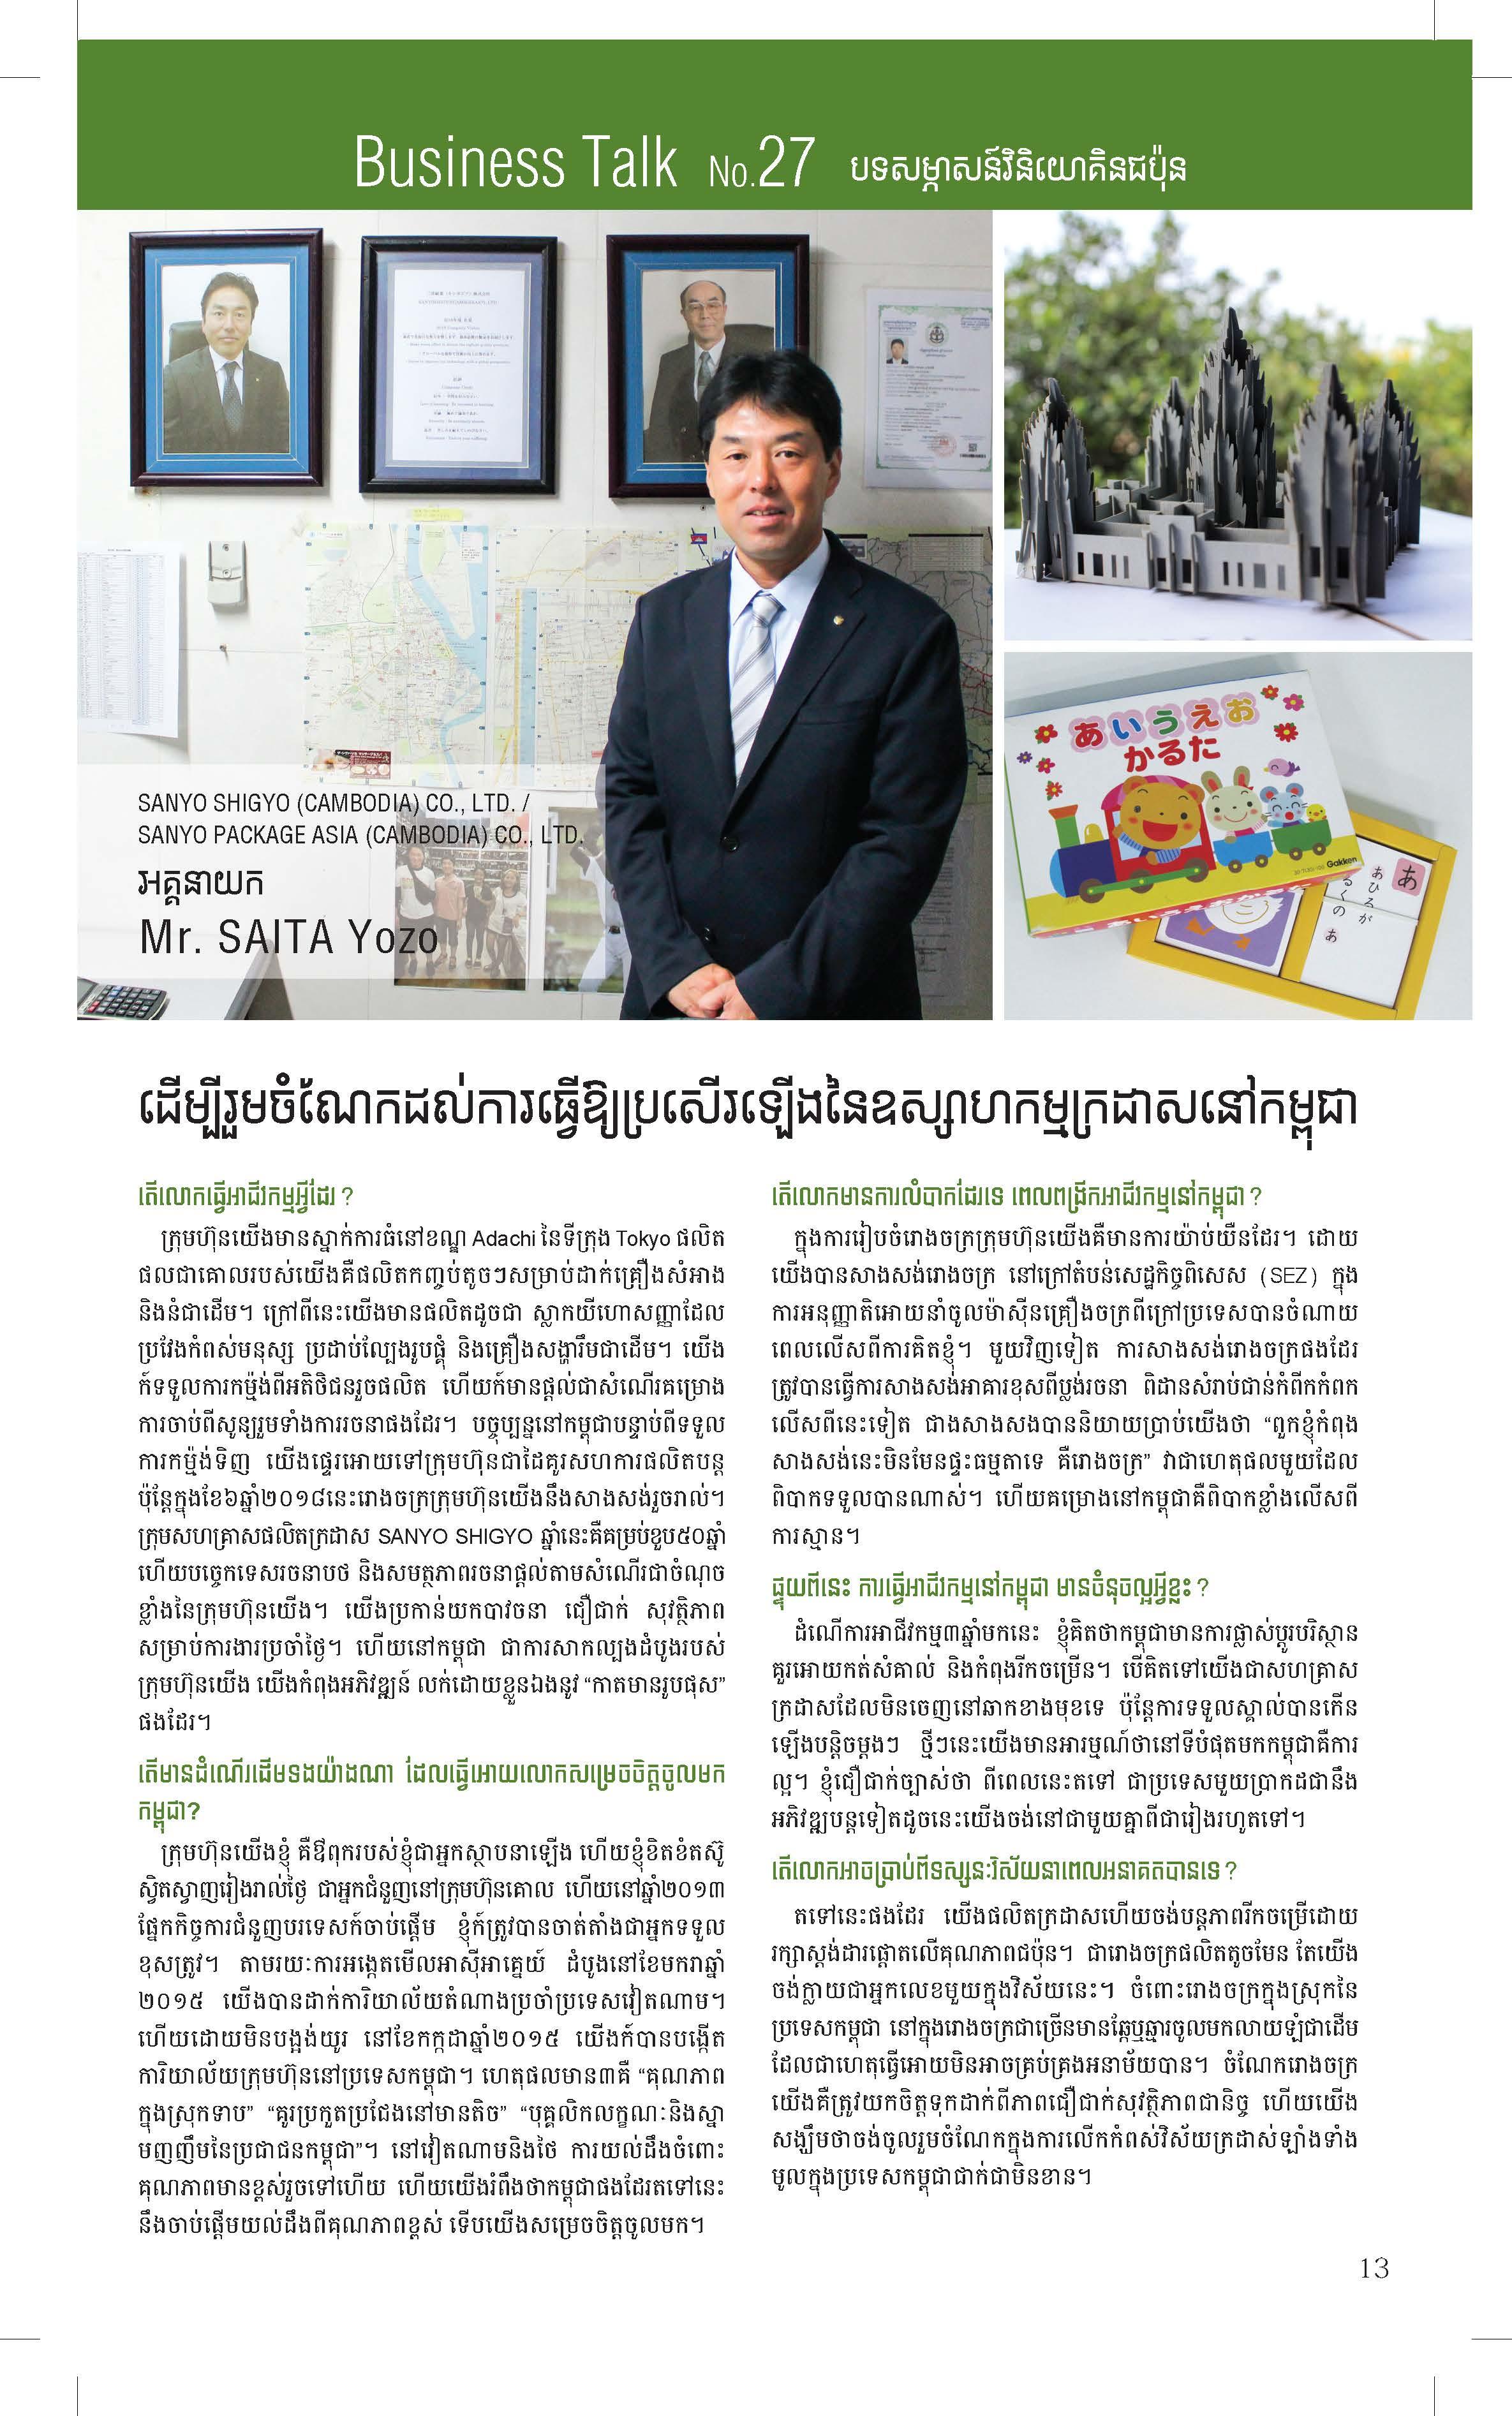 Business Talk Vol.27- Mr. SAITA Yozo